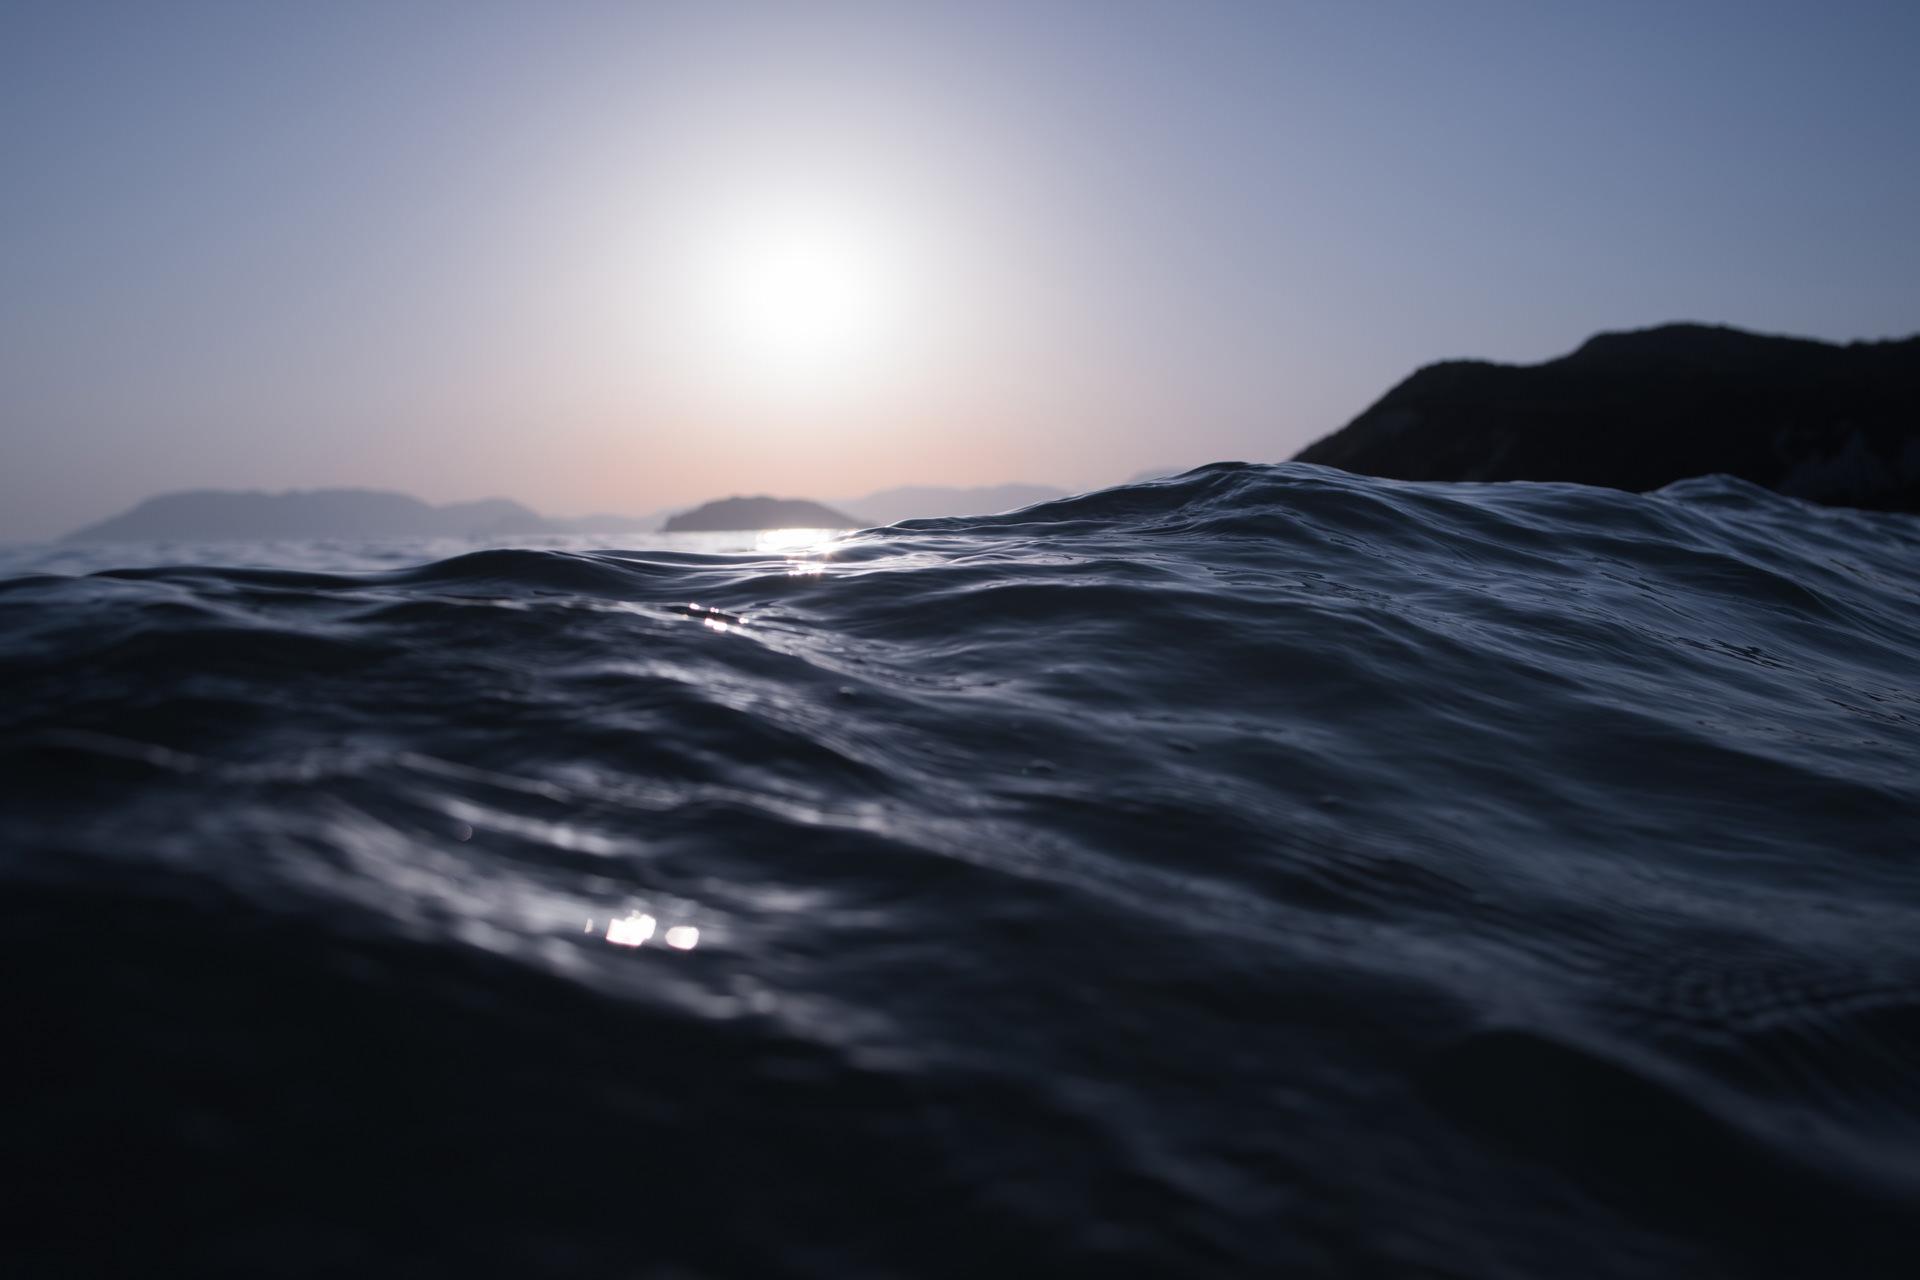 Ride a wave in Honolulu